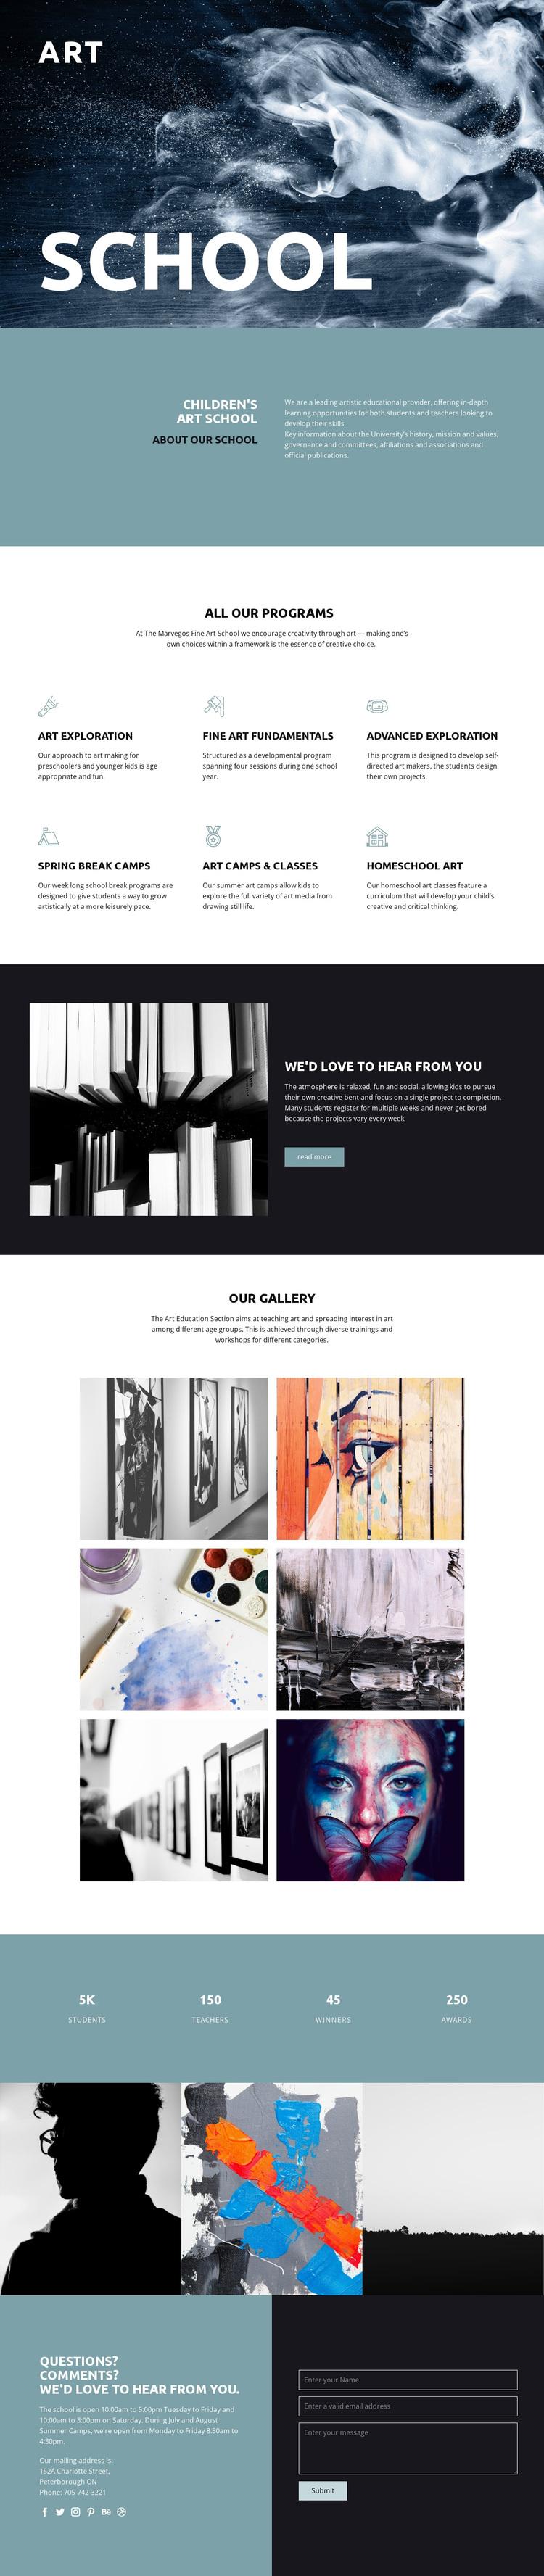 School of artistic education Joomla Page Builder